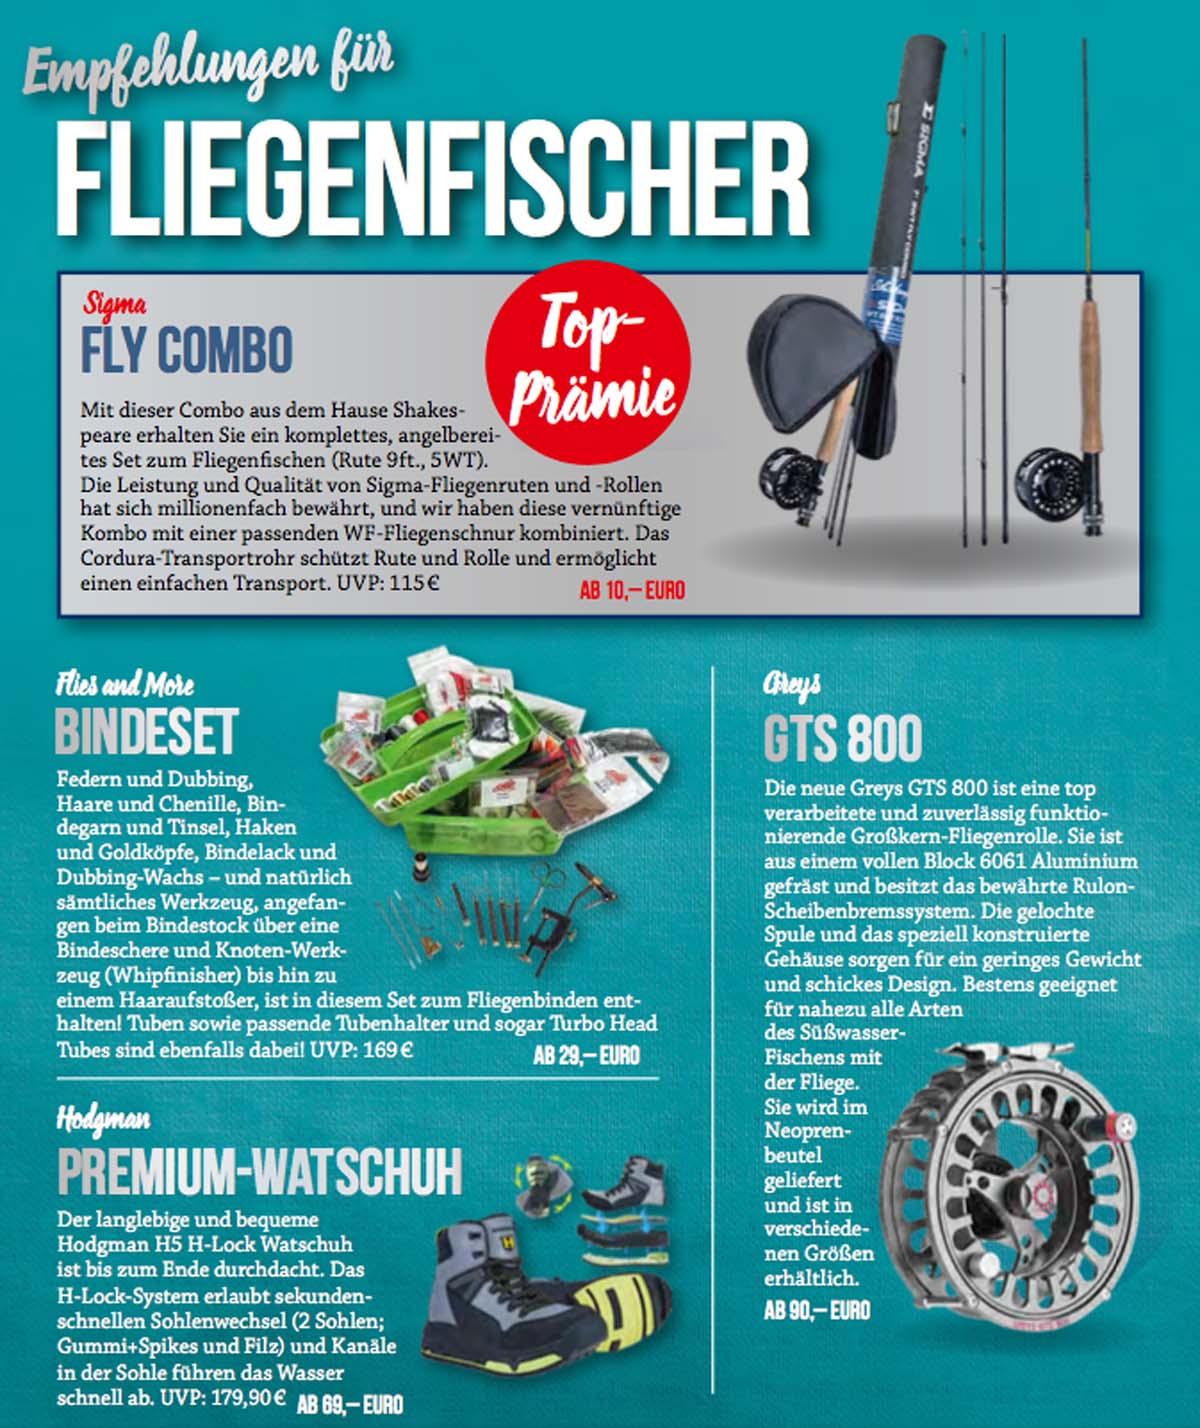 Der neue Abo Prämienkatalog 2018 wartet mit zahlreichen tollen Produkten für Fliegenfischer auf.